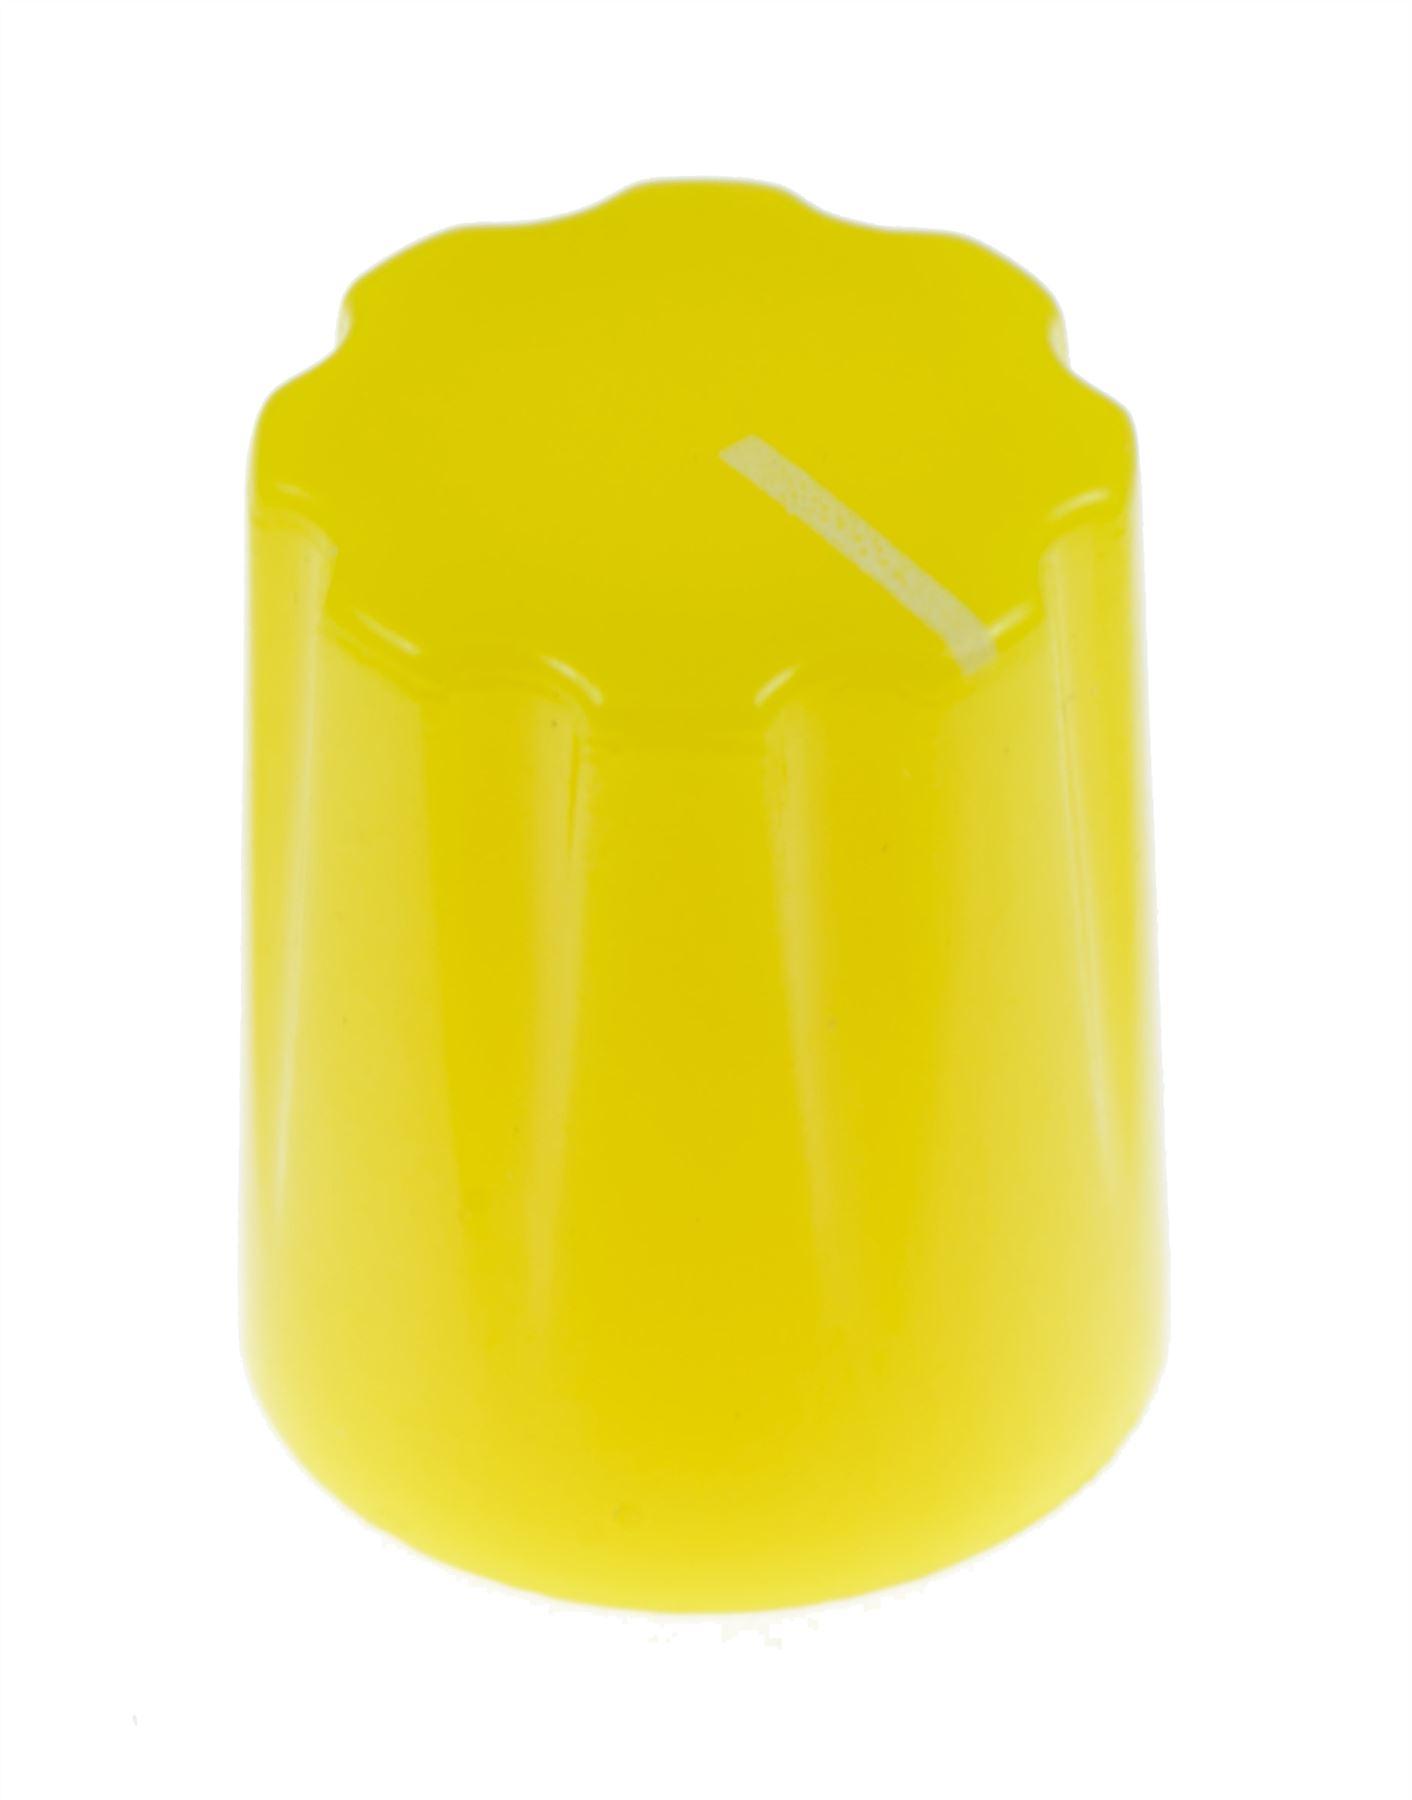 Yellow Davies 1900H Style Knob